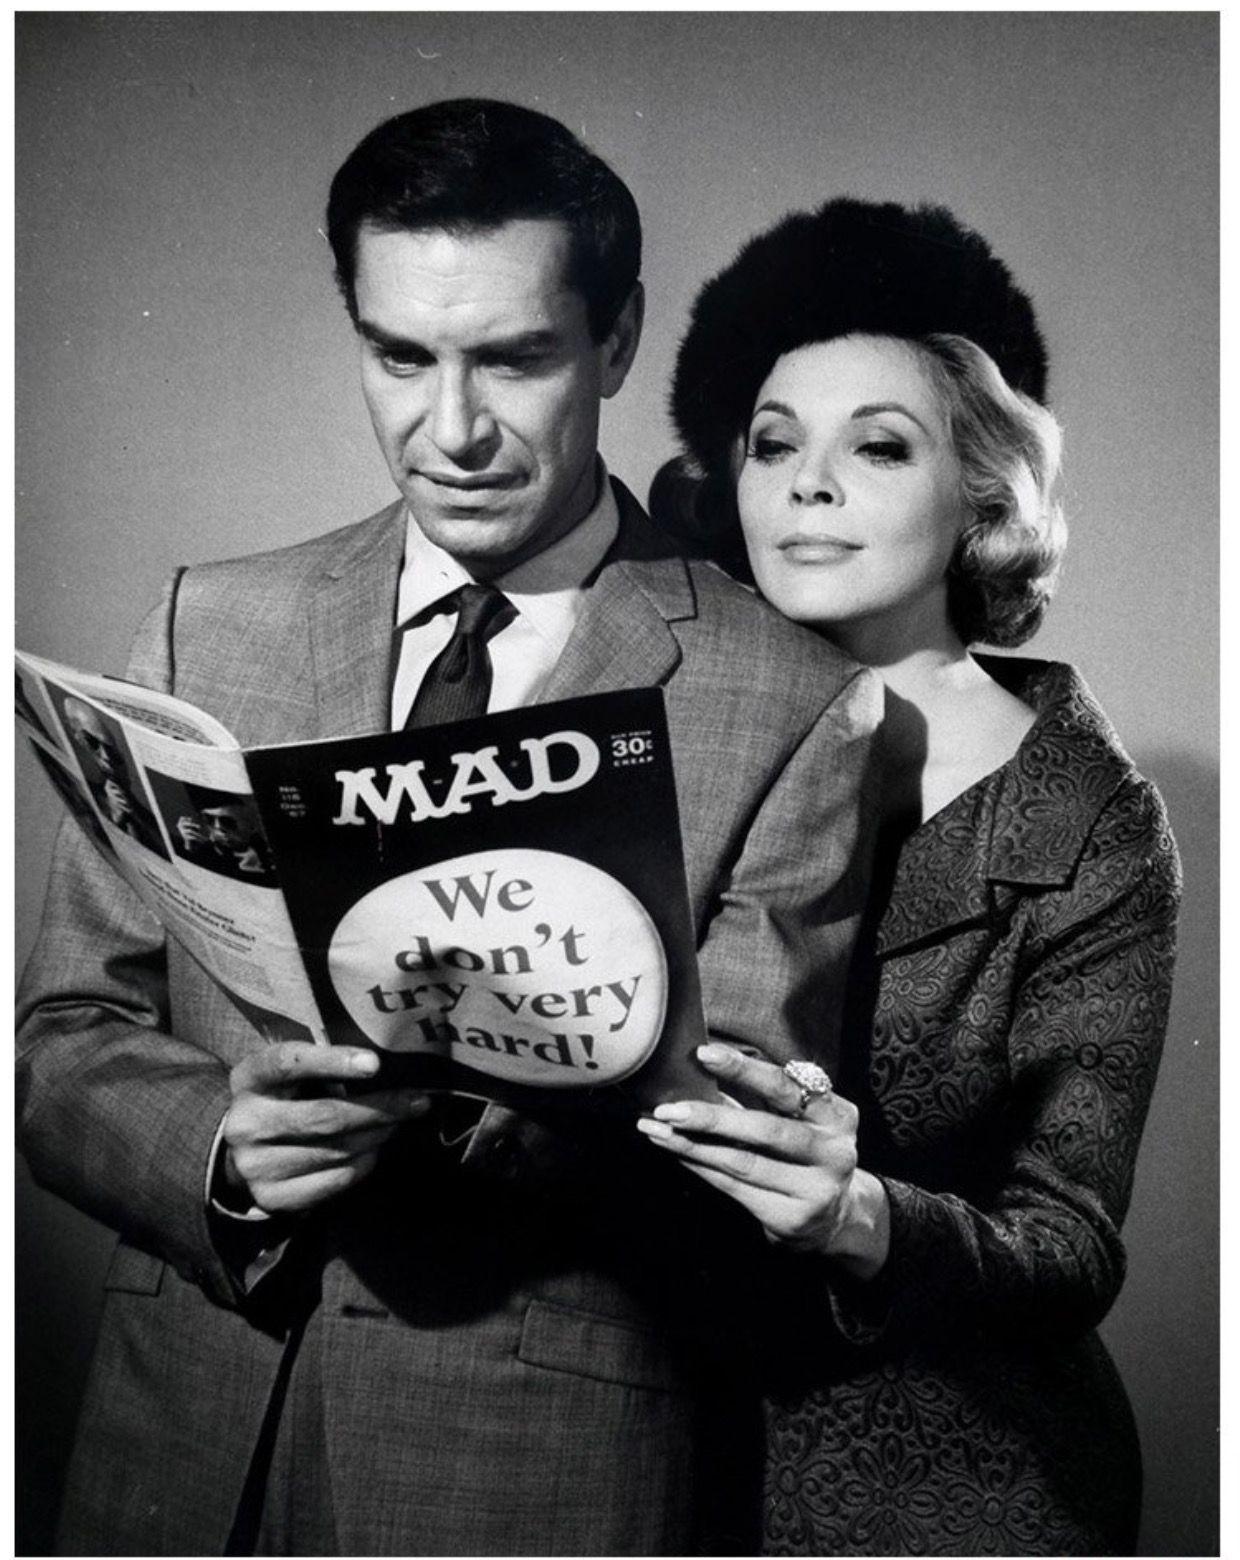 Martin Landau Reading Mad Magazine